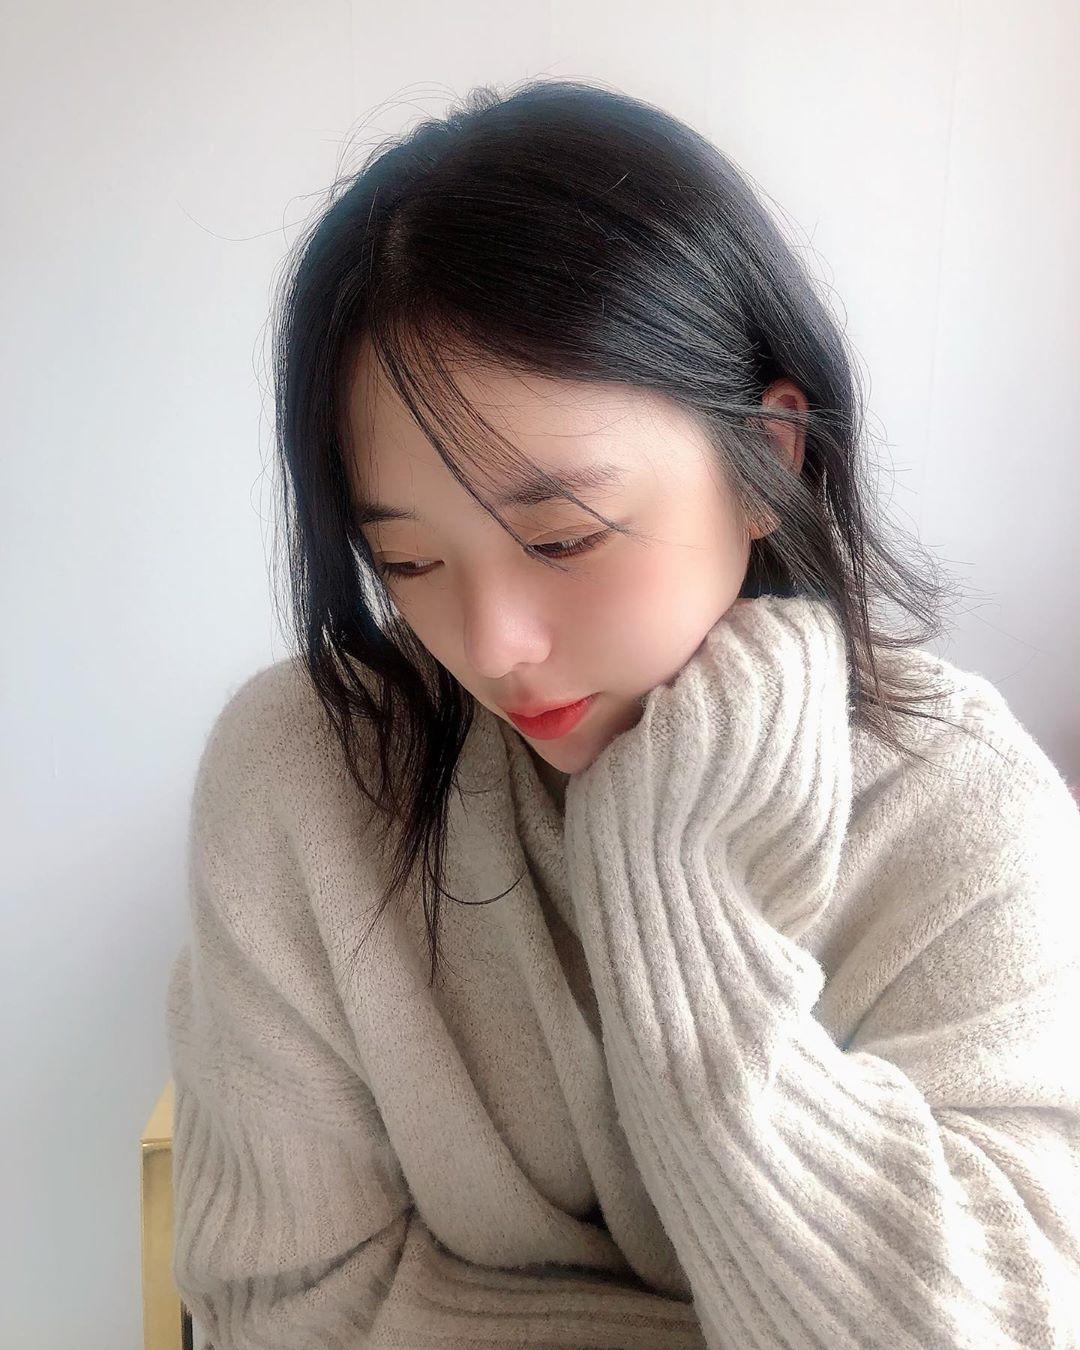 为什么穿毛衣的女生看起来就很温柔?